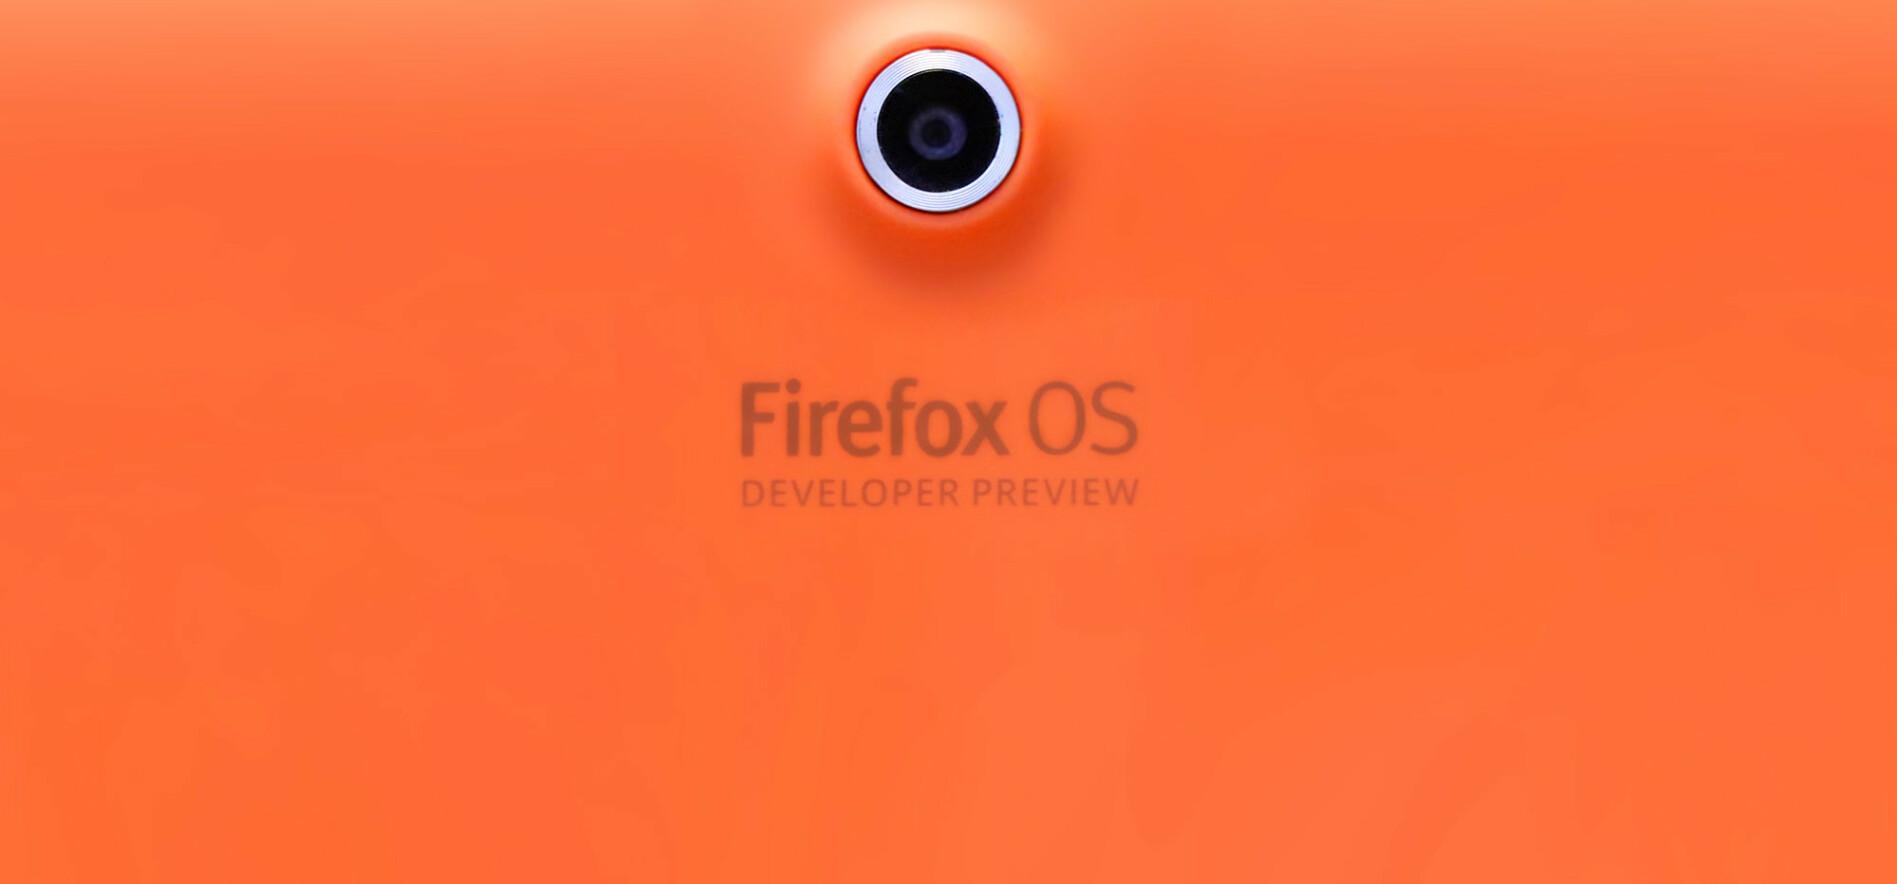 bd92eae1a Hva skjedde med Firefox OS? - Kode24